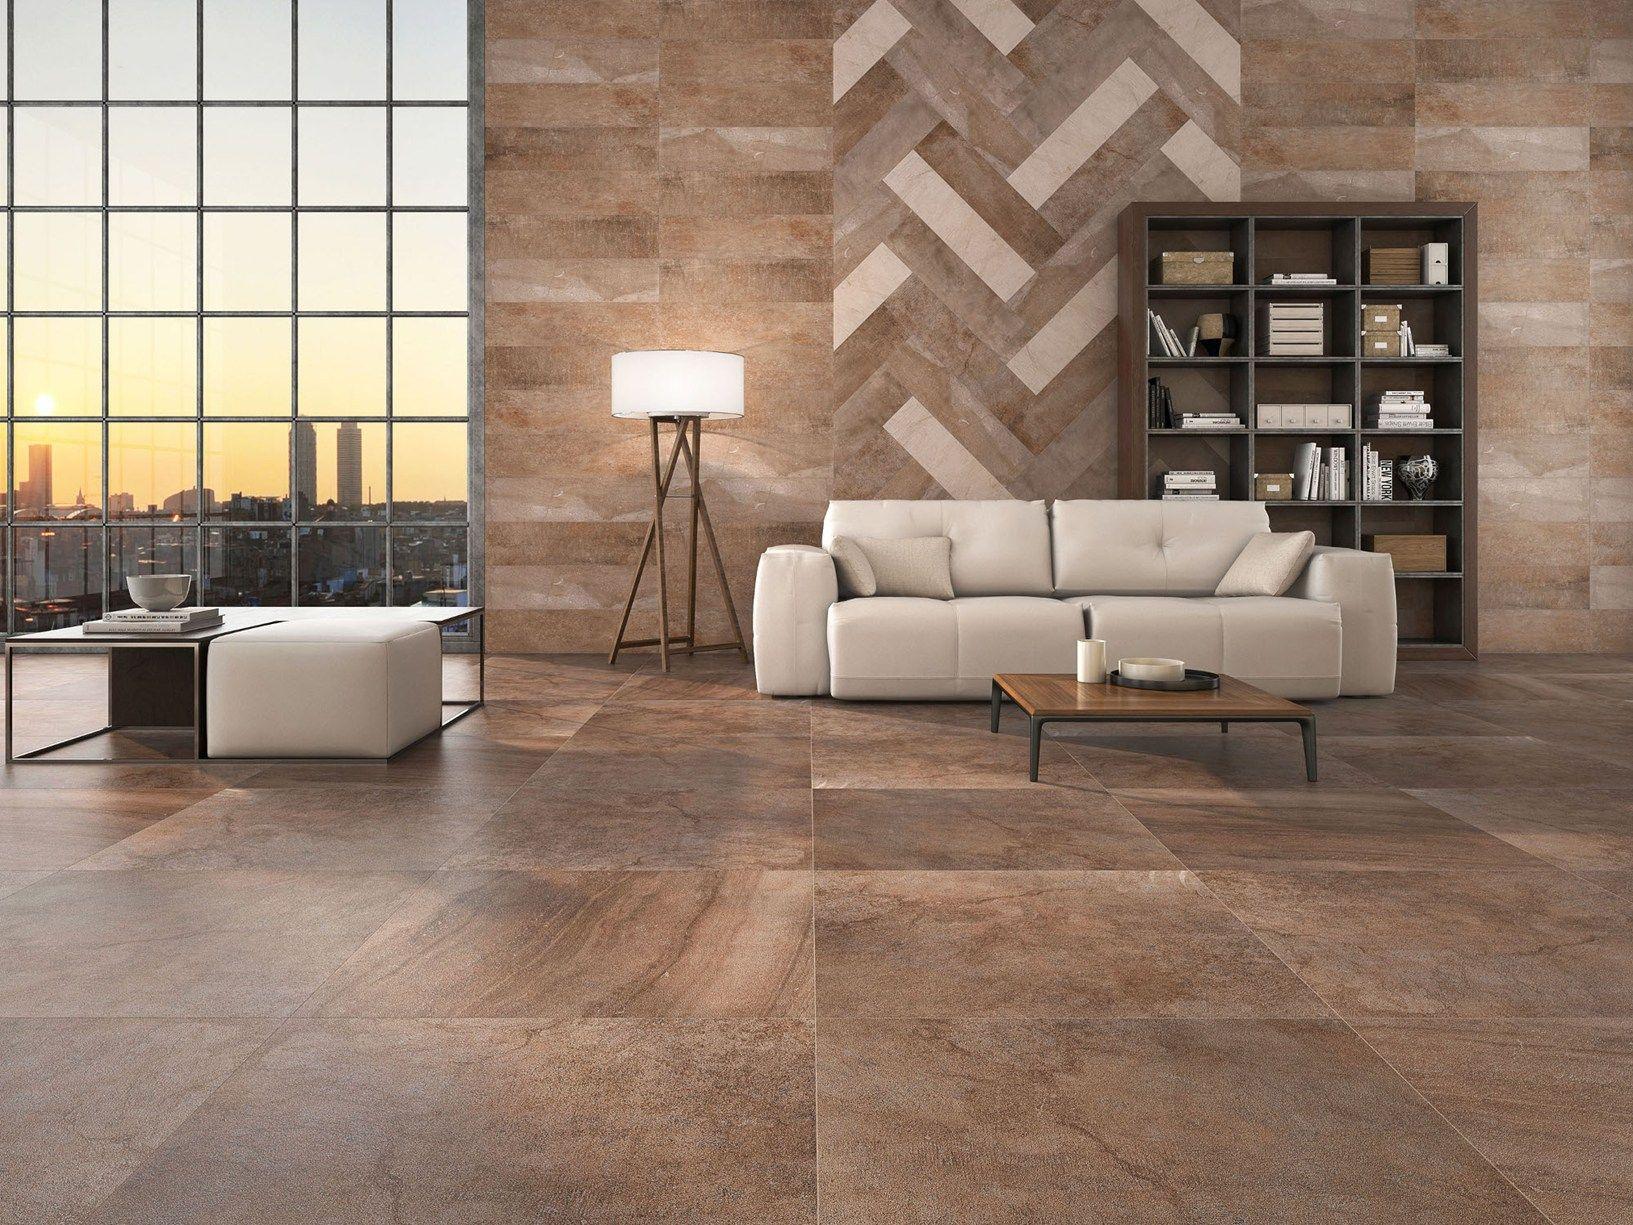 Lucido pavimento di piastrelle di tacchino marmo beige sahara